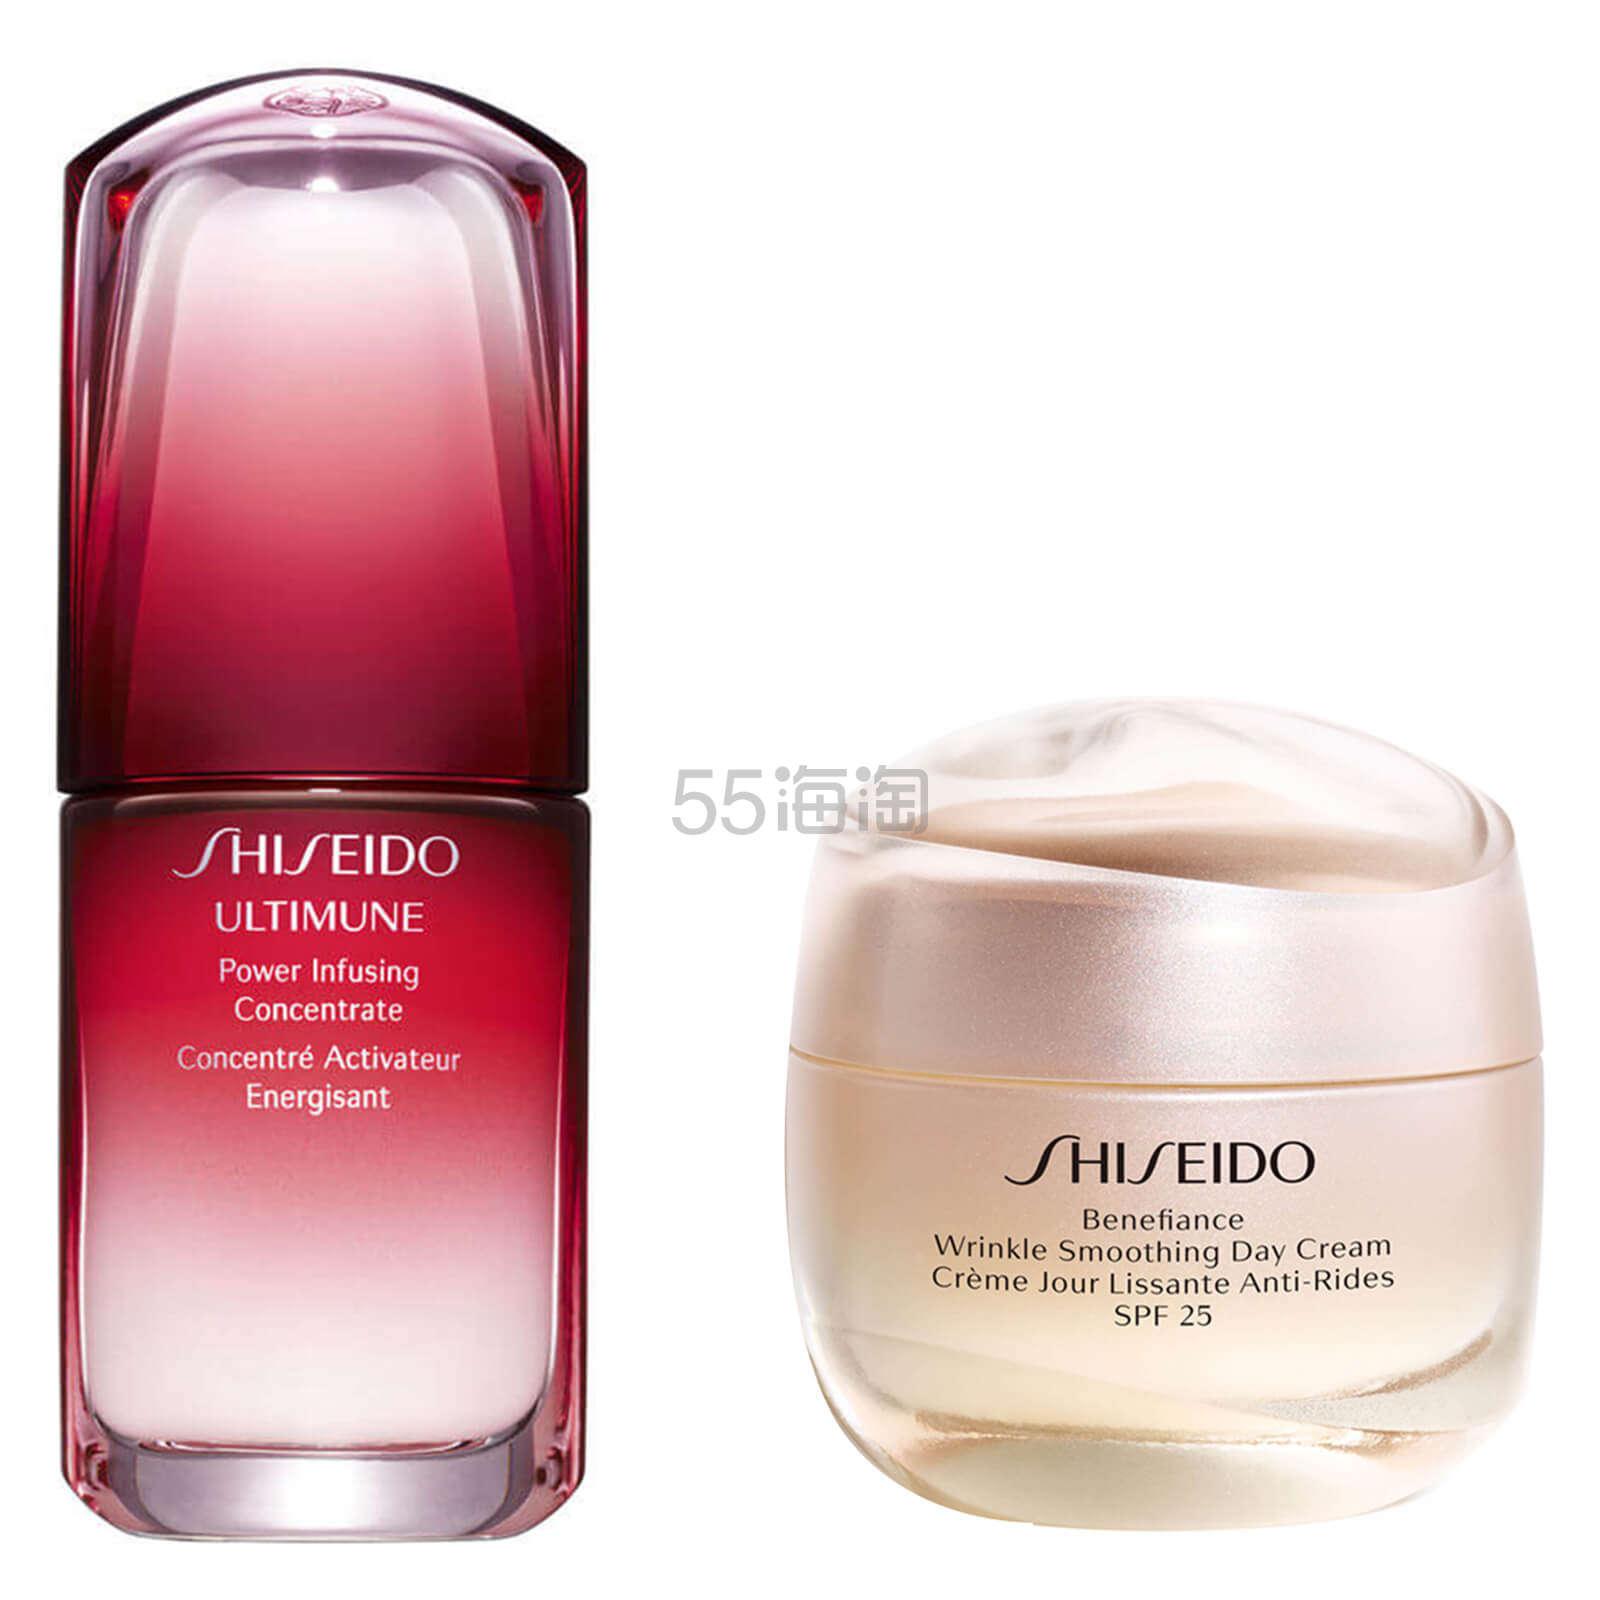 【1套免费直邮】7.2折+赠礼!Shiseido 资生堂 红腰子精华 30ml + 盼丽风姿日霜50ml ¥931.2 - 海淘优惠海淘折扣|55海淘网